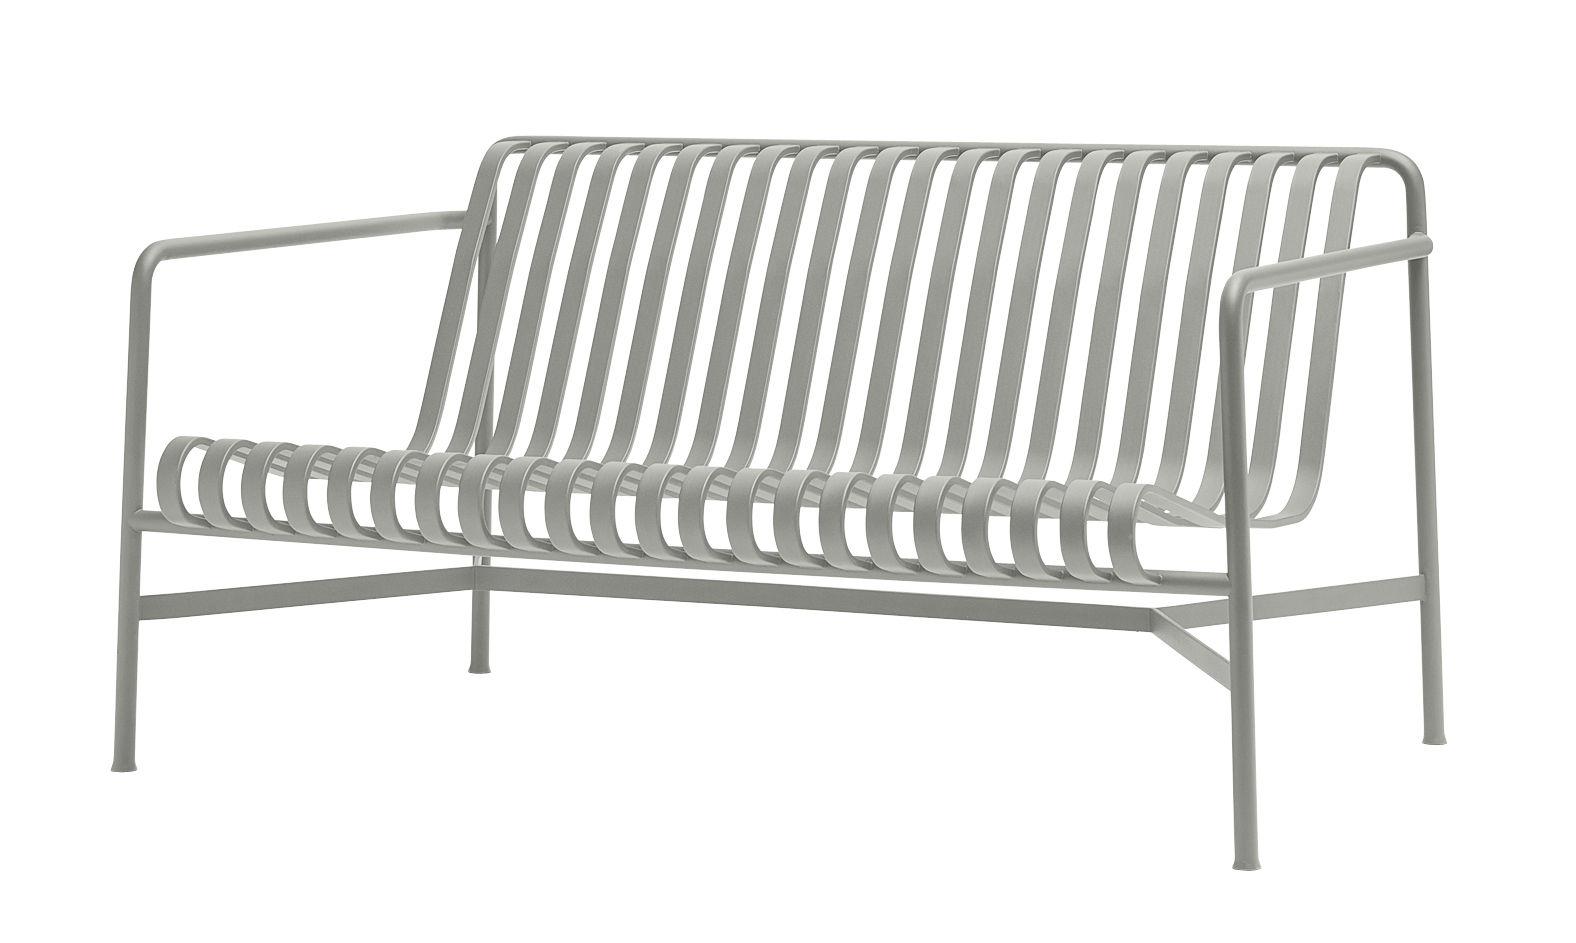 Outdoor - Canapés - Canapé droit Palissade Lounge / L 139 cm - R & E Bouroullec - Hay - Canapé / Gris clair - Acier électro-galvanisé, Peinture époxy